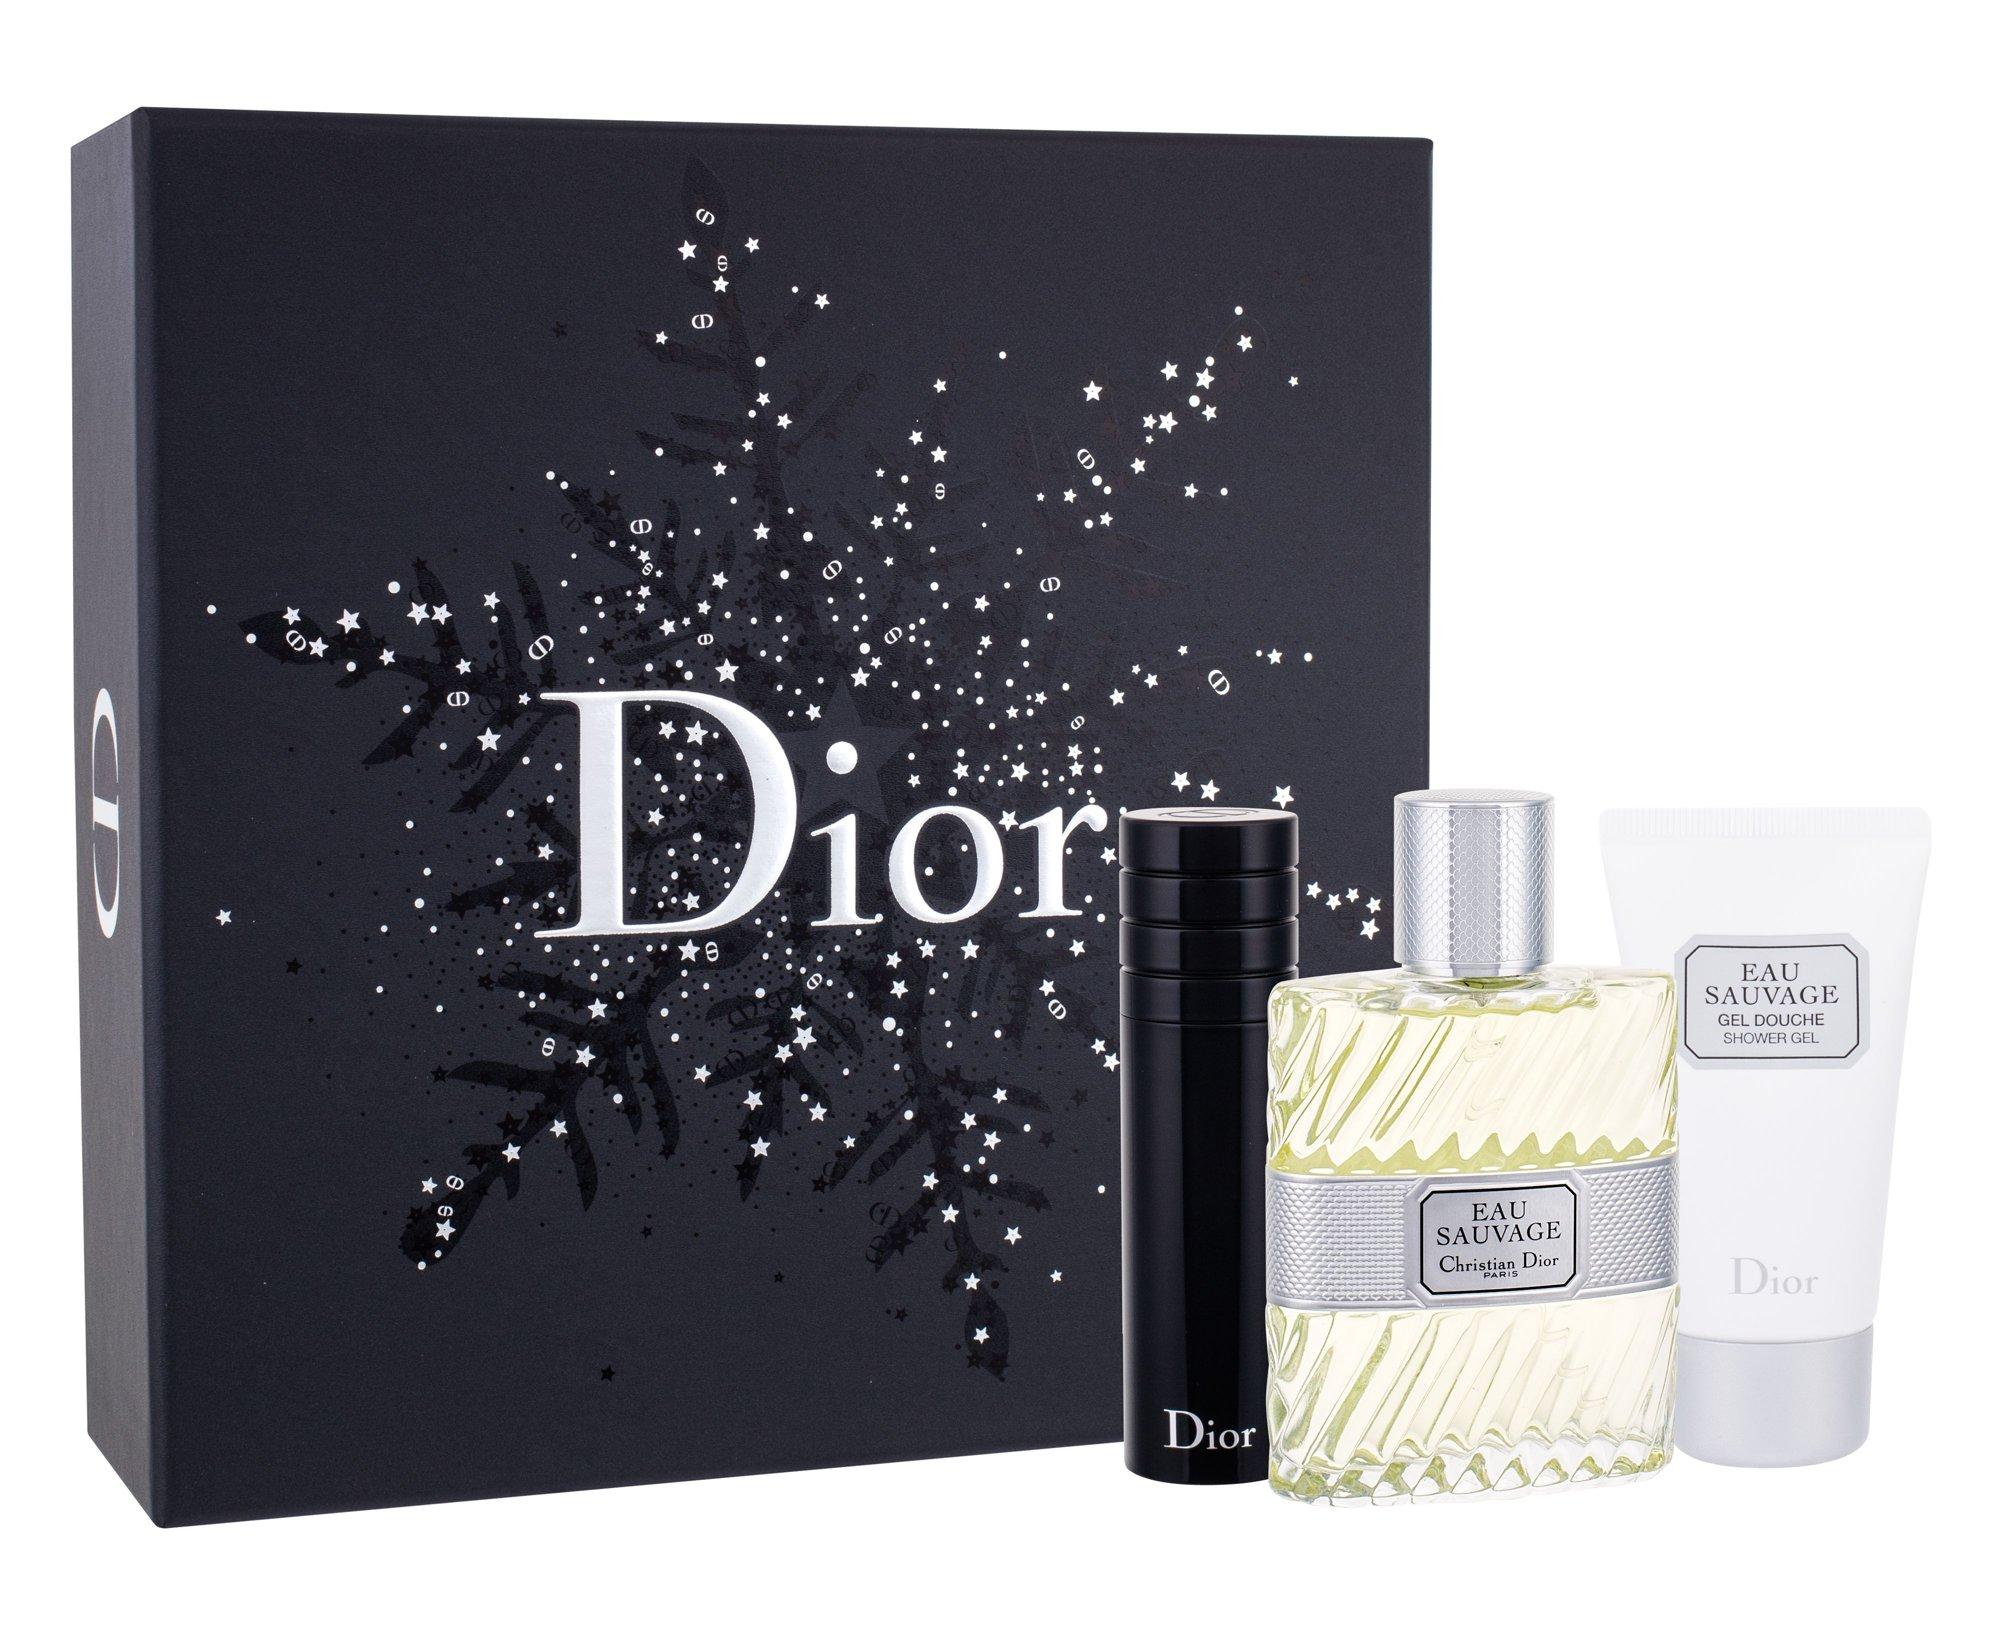 Christian Dior Eau Sauvage - toaletní voda 100 ml + sprchový gel 50 ml + toaletní voda naplnitelná 10 ml M Objem: 100 ml